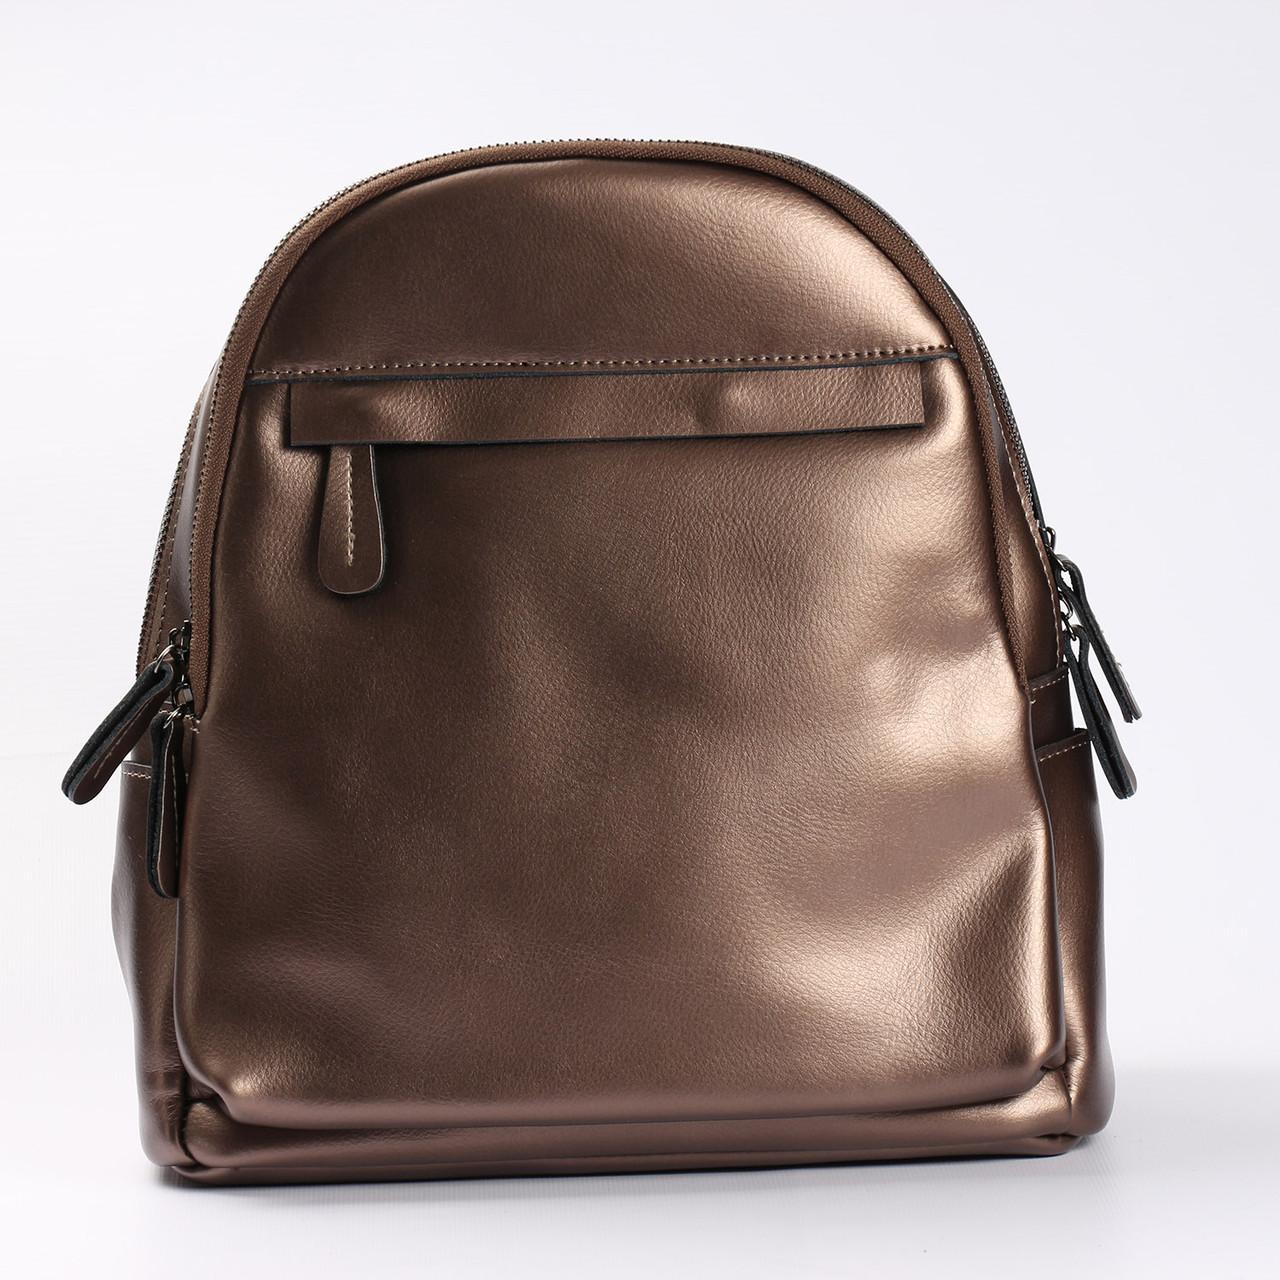 cfd91d23bbec Городской кожаный рюкзак для девушек бронзового цвета